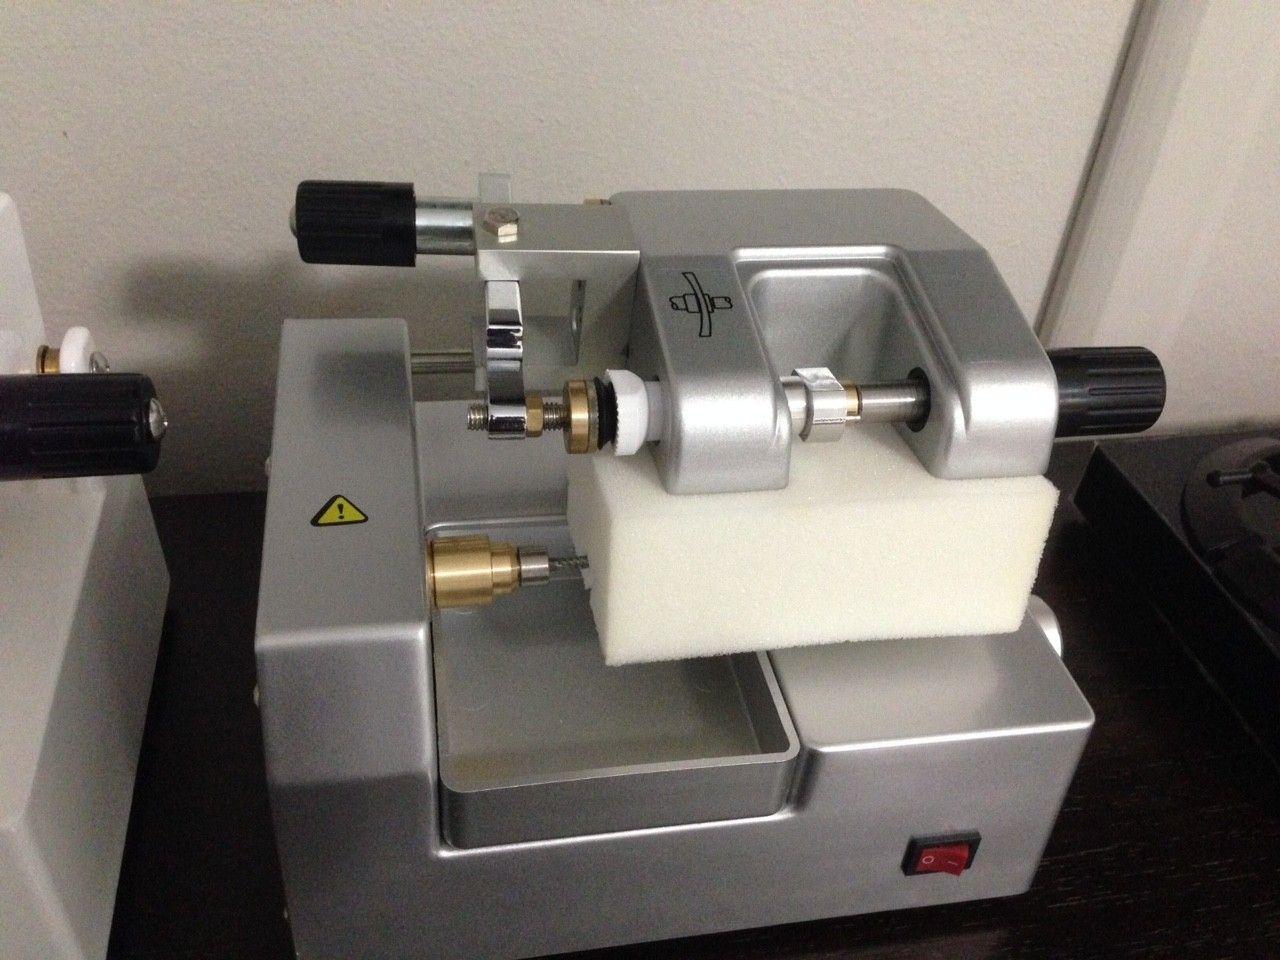 OPTICAL LENS PATTERN MAKER & LENS CUTTER MILLING MACHINE - IMG_6337.JPG